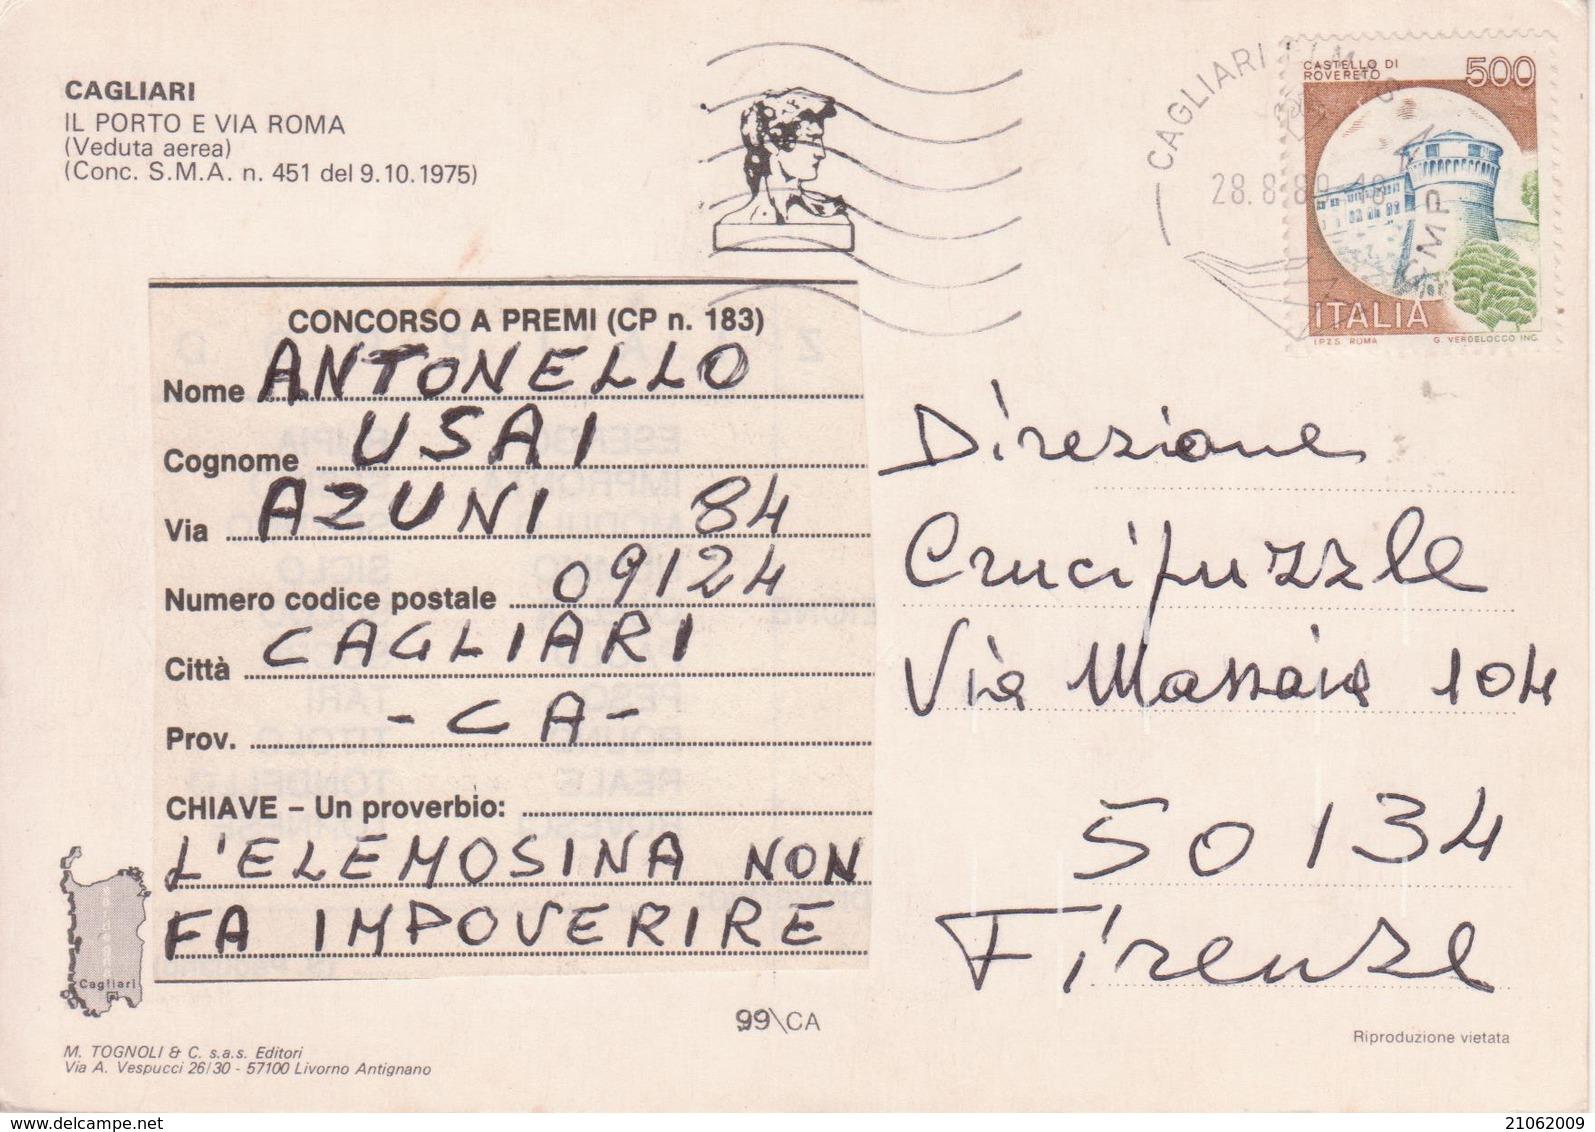 CAGLIARI - IL PORTO E VIA ROMA - VEDUTA AEREA - VIAGGIATA 1989 - Cagliari